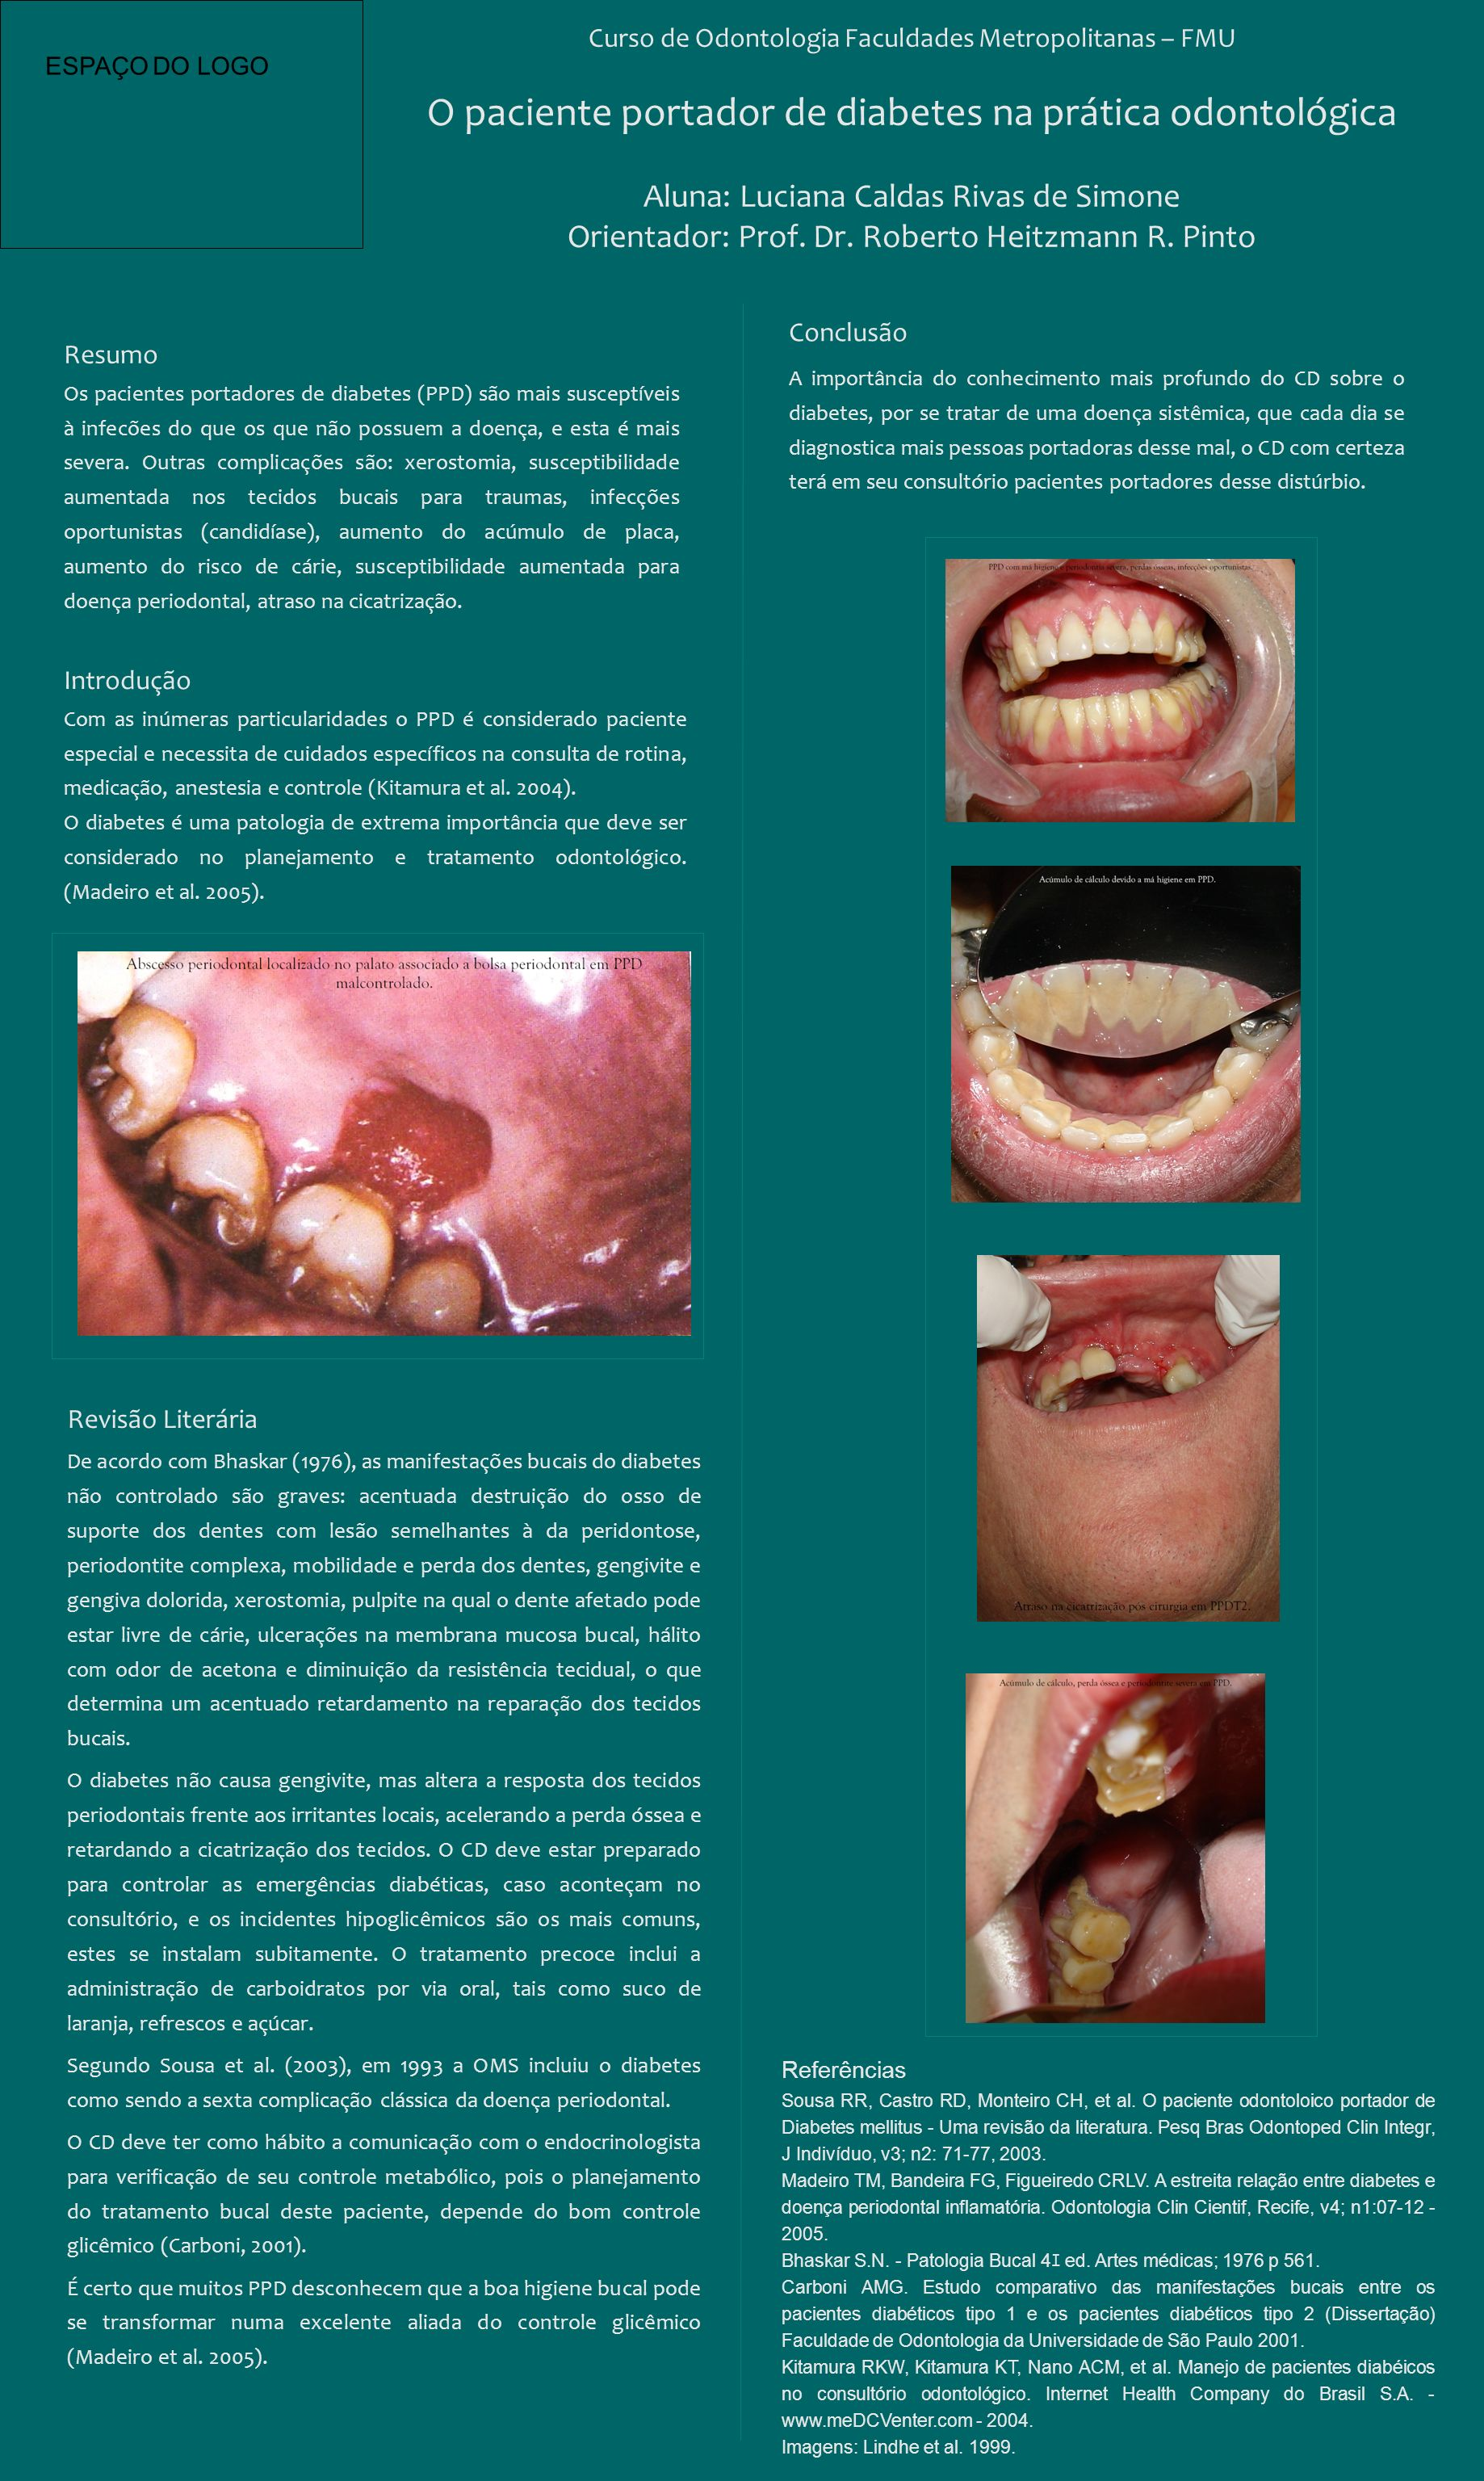 O paciente portador de diabetes na prática odontológica